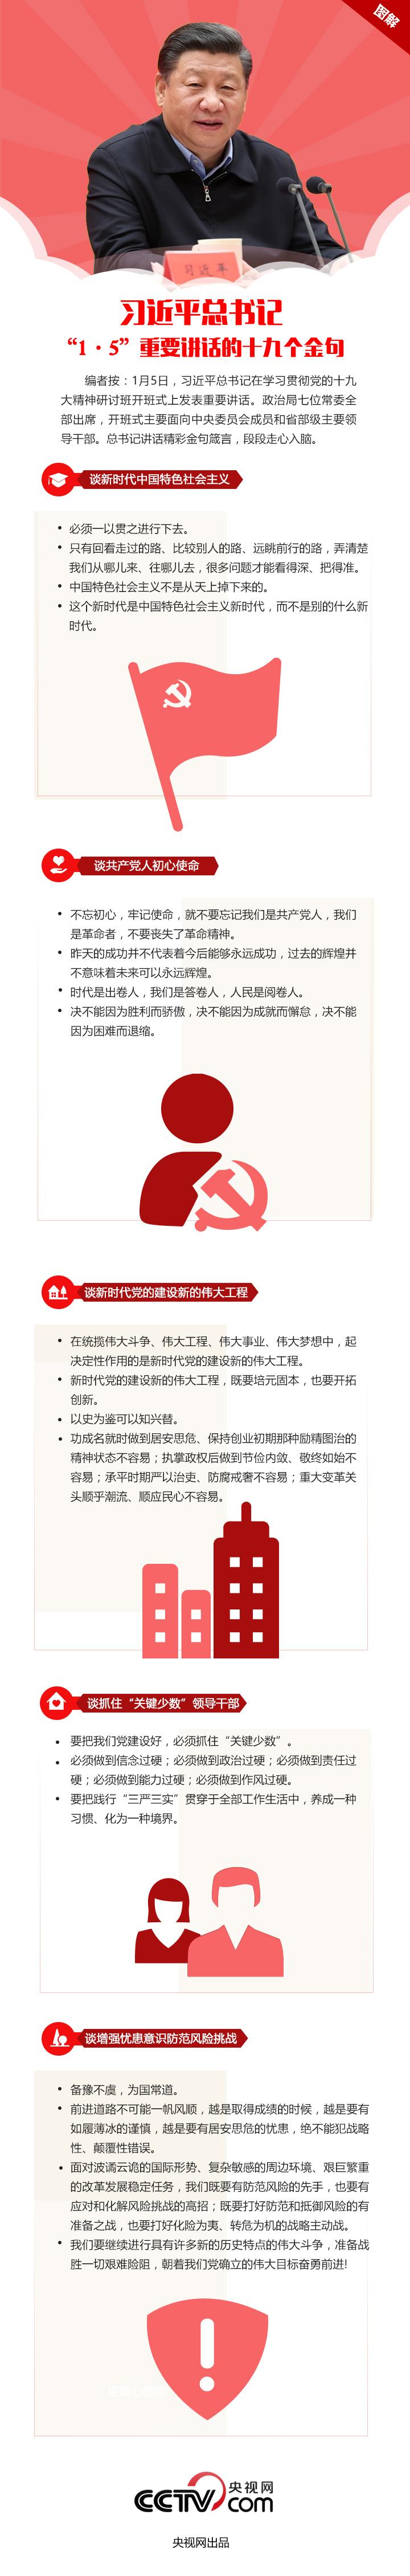 """图解:习近平总书记""""1·5""""重要讲话的十九个金句 新湖南www.hunanabc.com"""